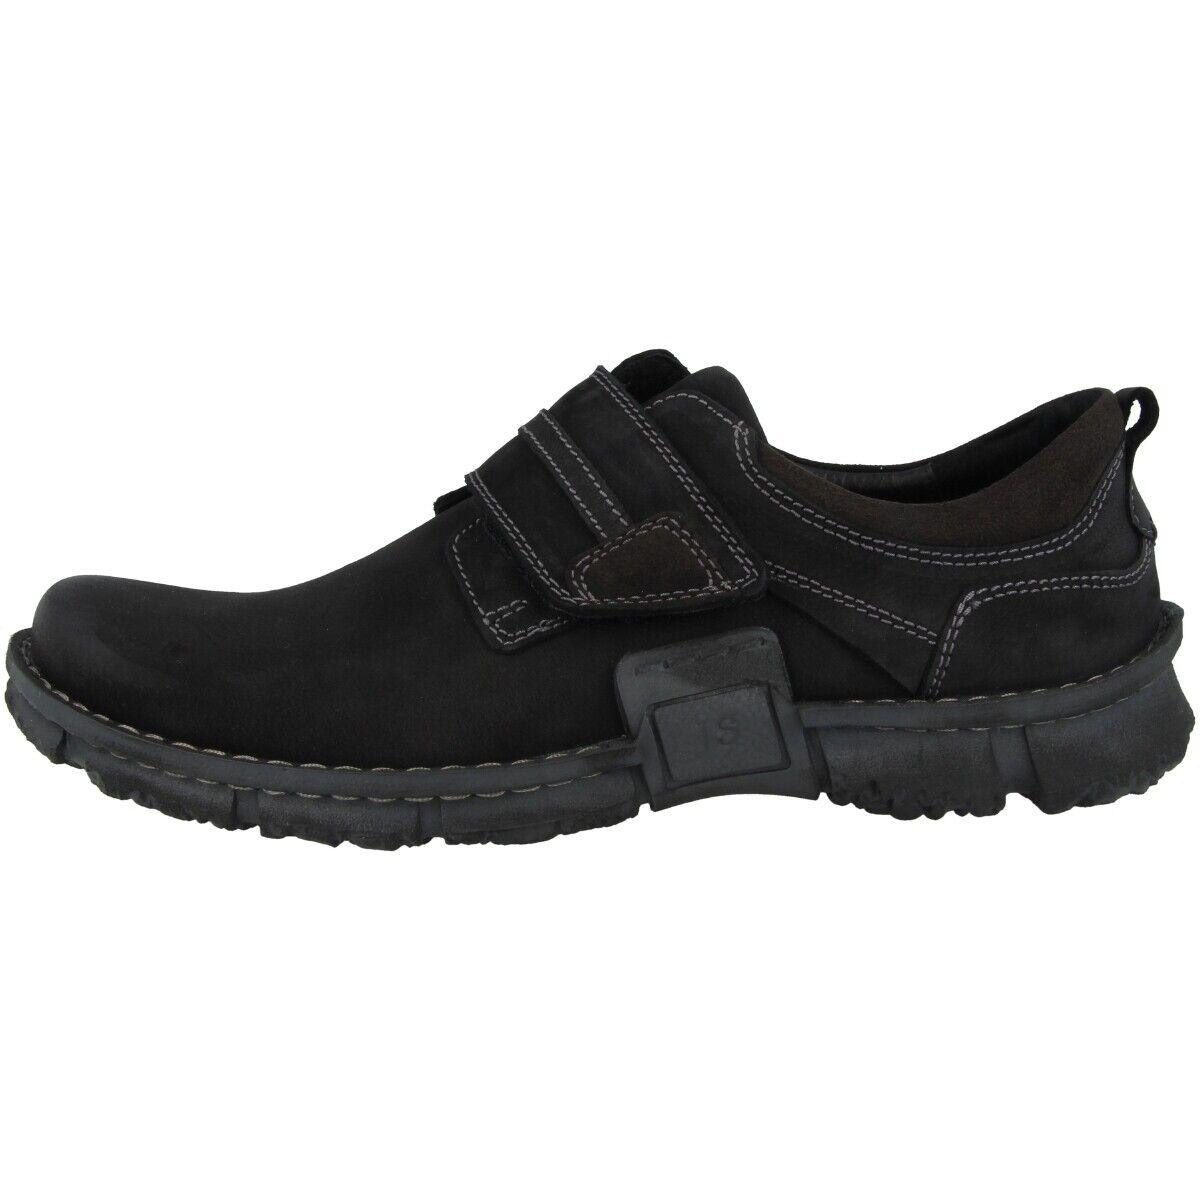 Josef Seibel Willow 45 zapatos caballero zapatos abotinados velcro zapatos negro 14145-920-100